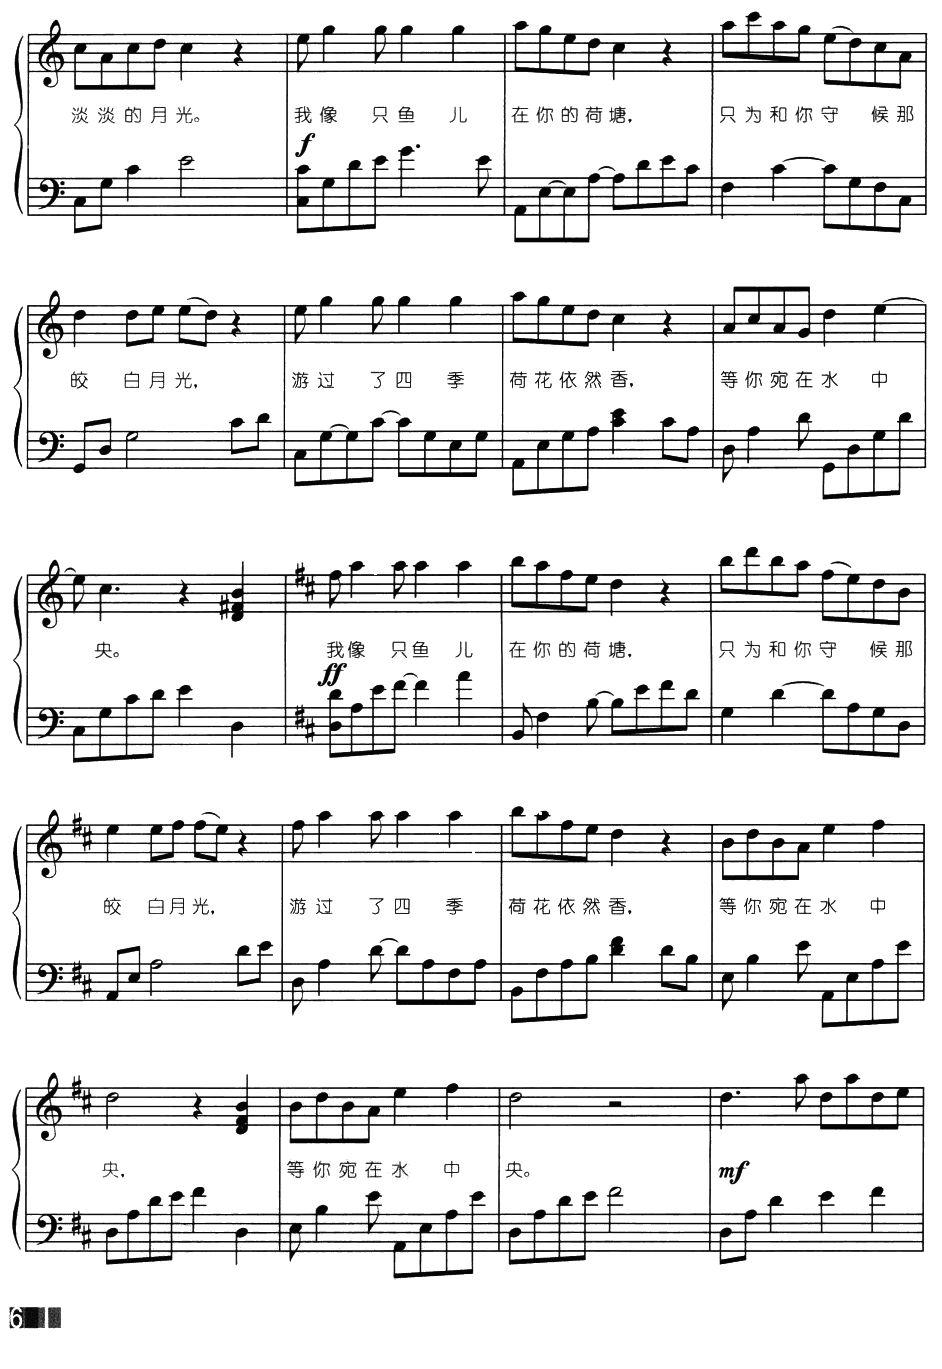 荷塘月色(钢琴弹奏)5_简谱_搜谱网